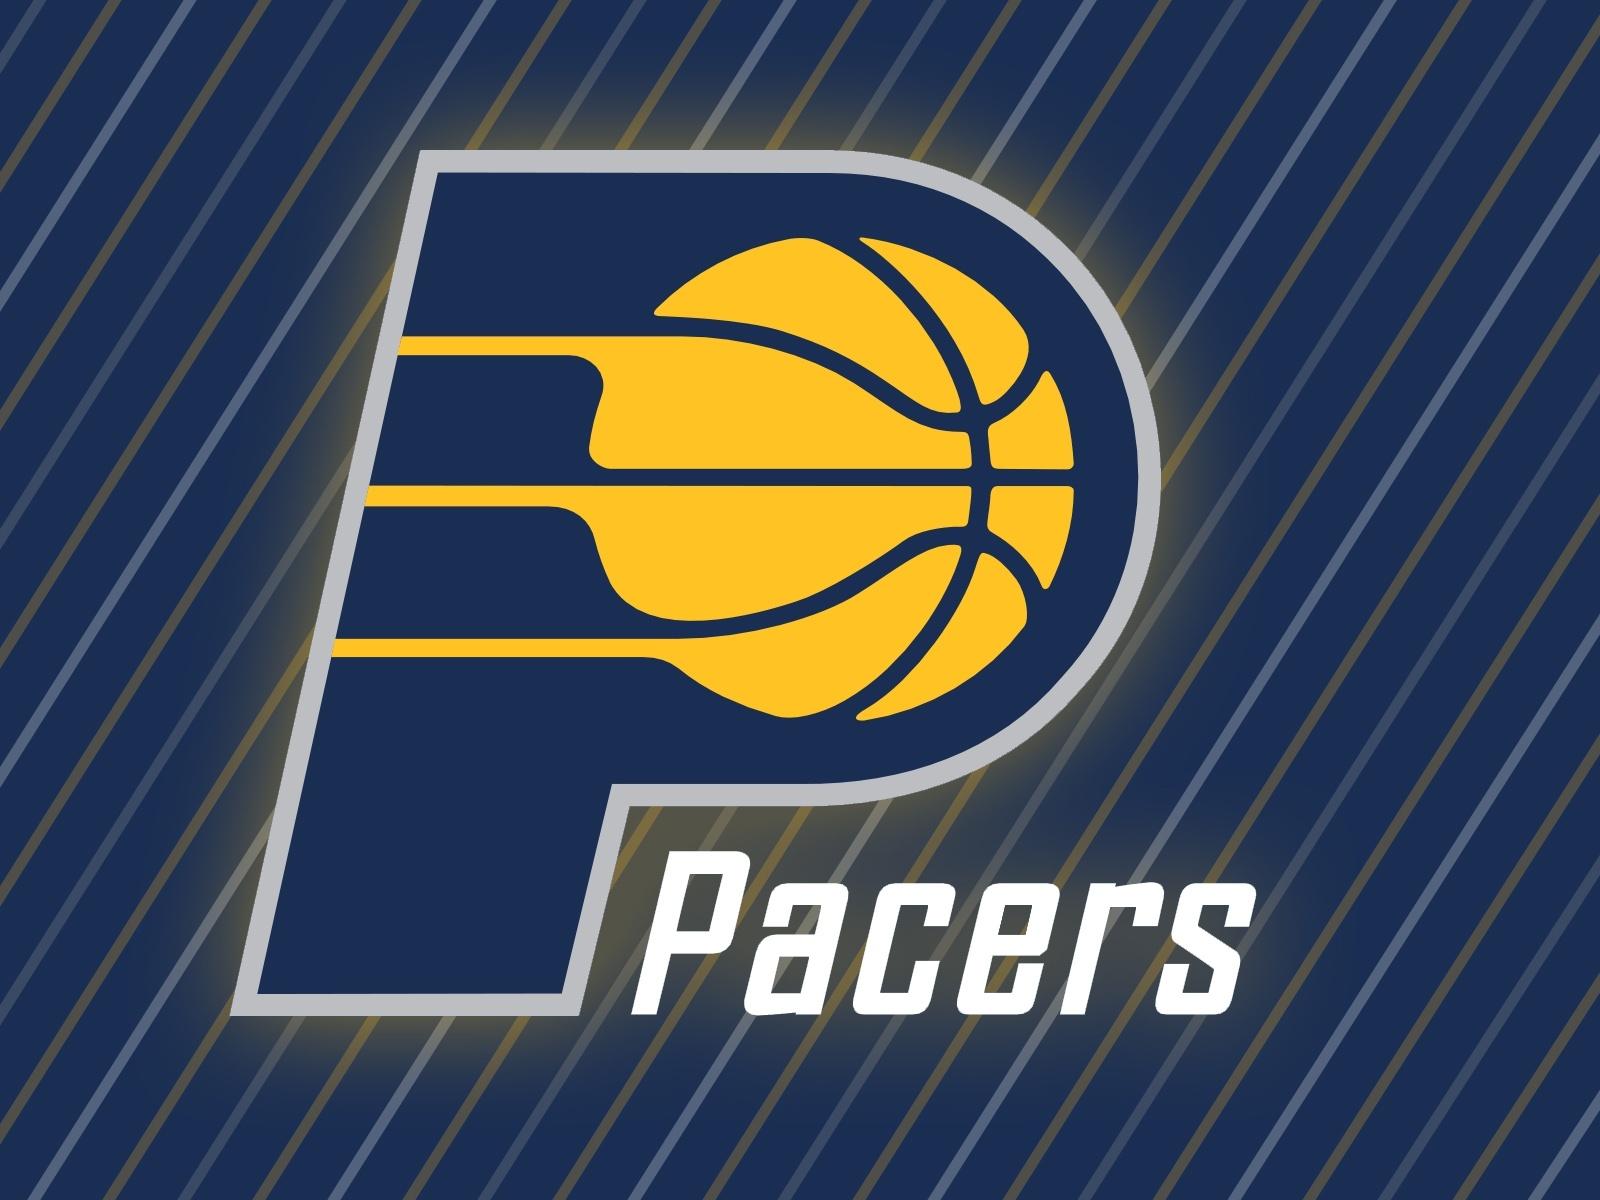 Indiana pacers wallpaper wallpapersafari - Iu basketball wallpaper ...